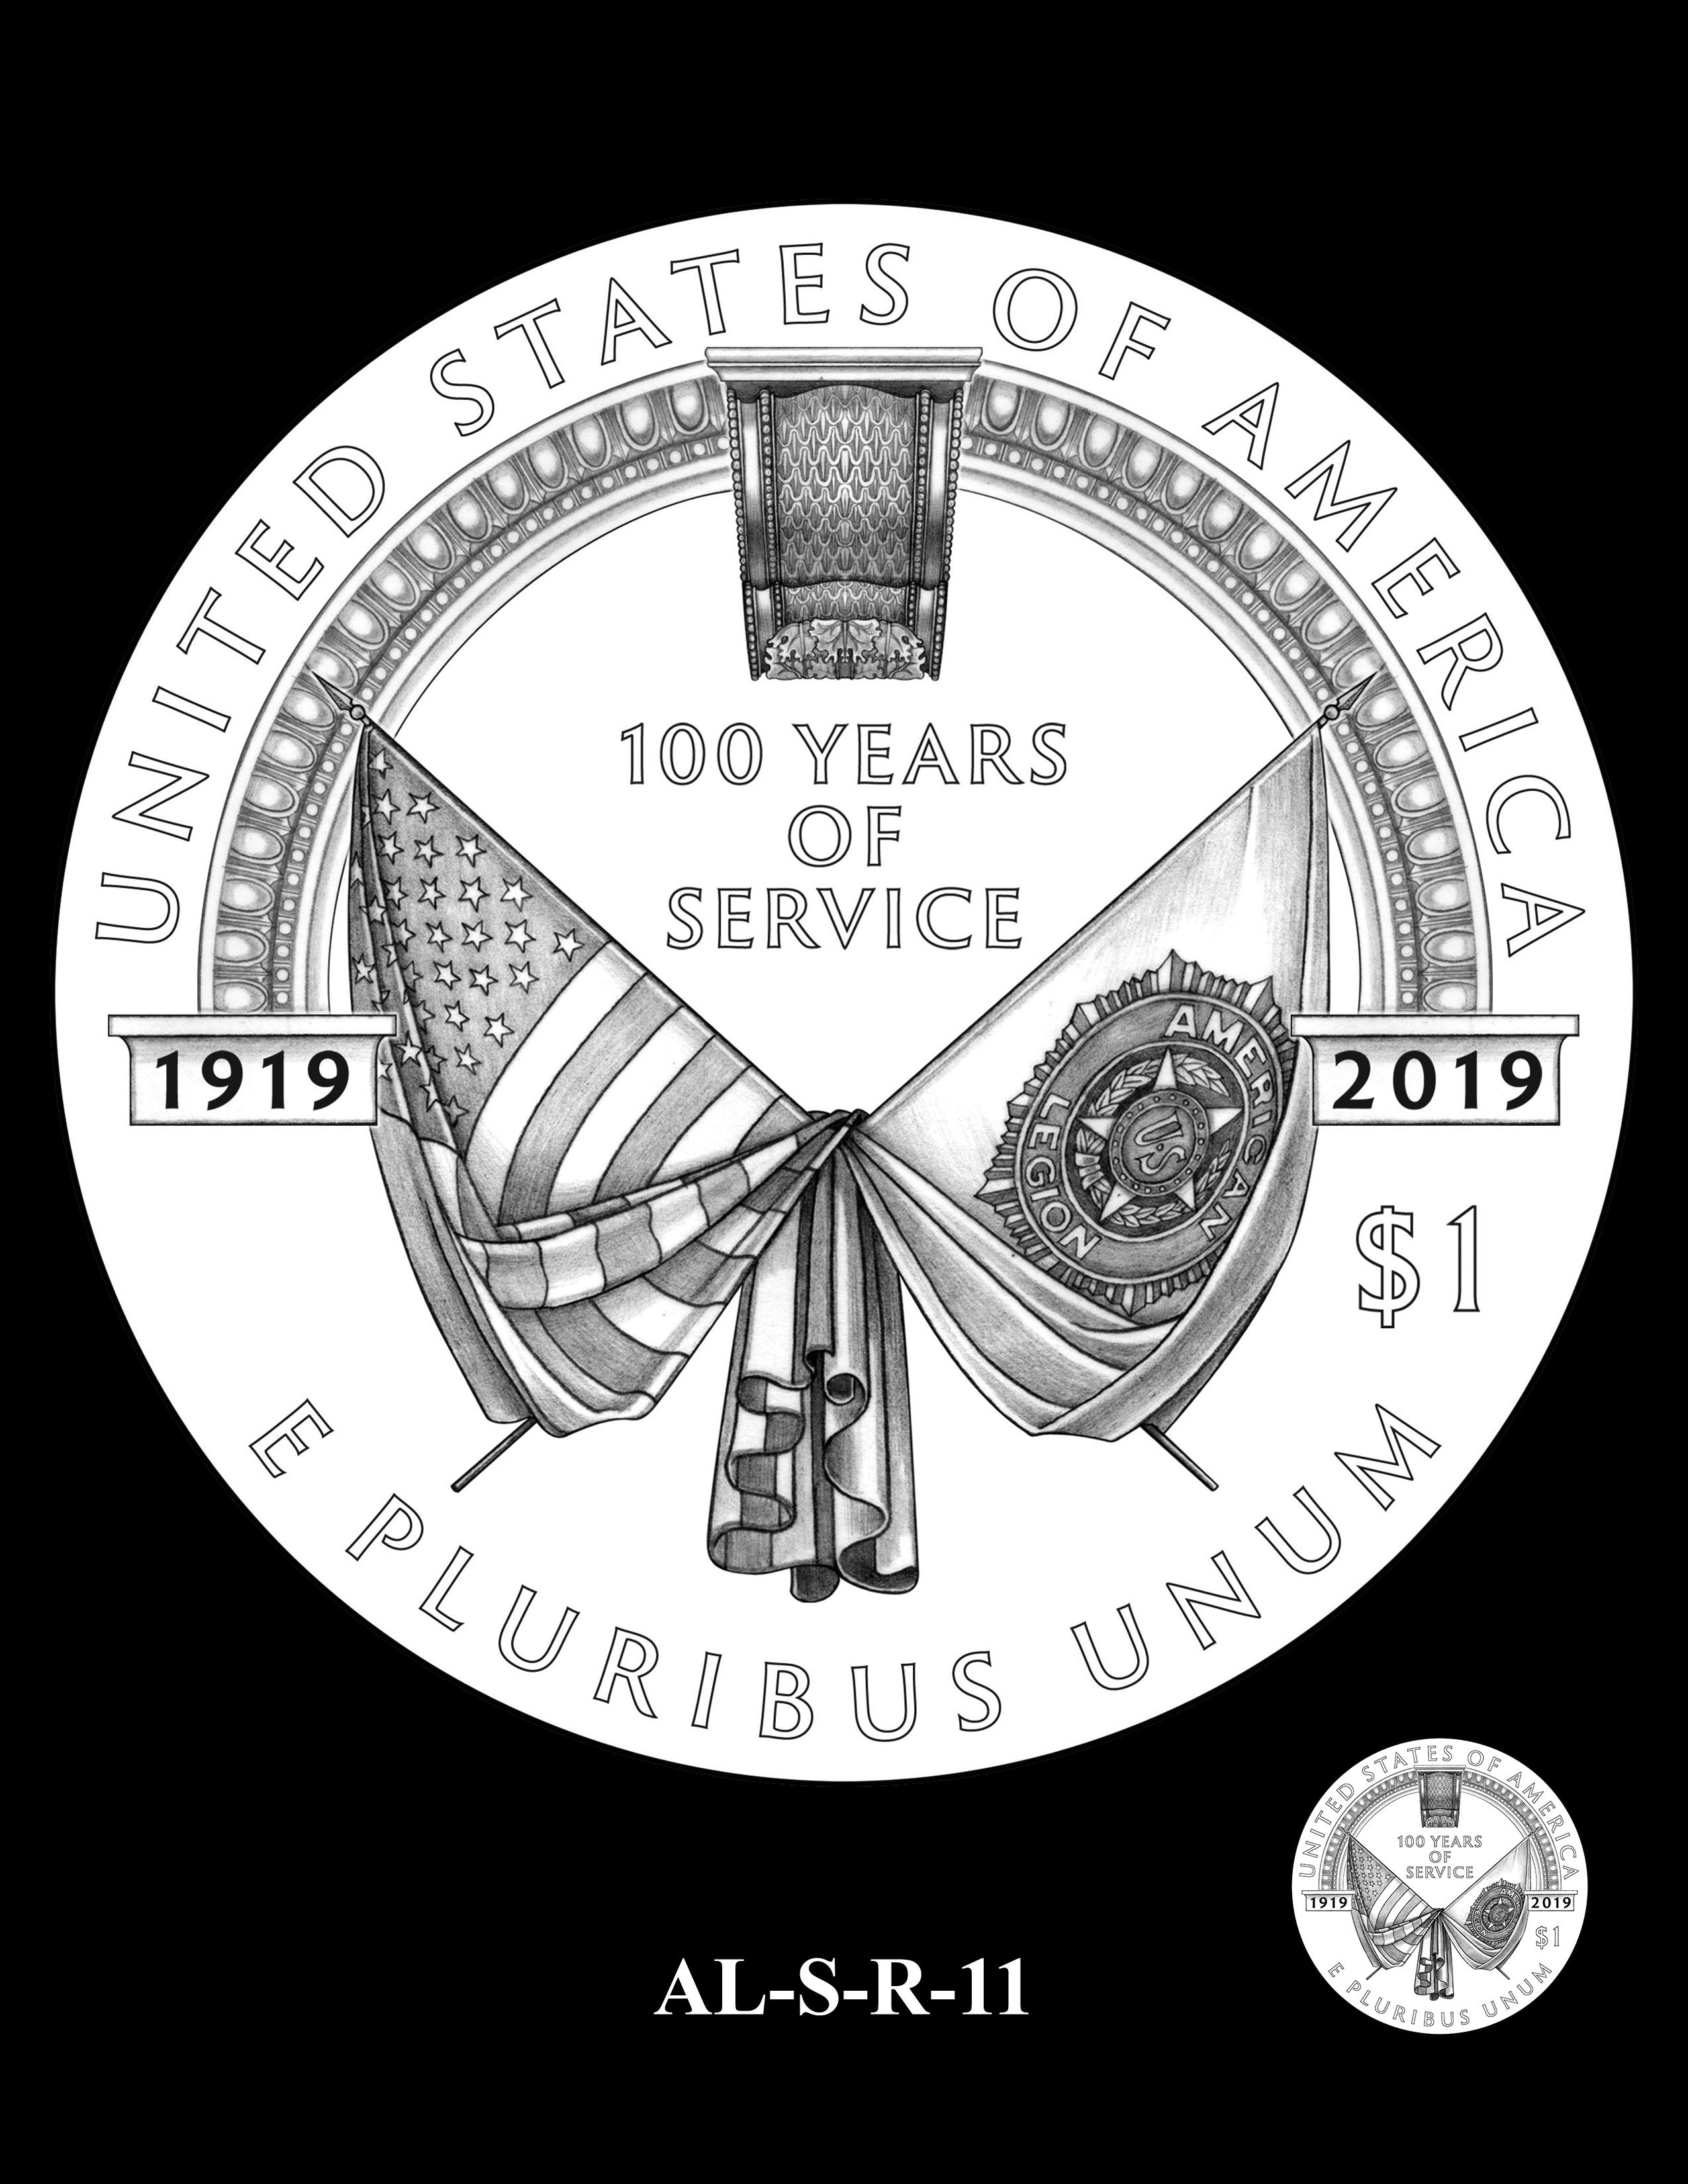 AL-S-R-11 -- 2019 American Legion 100th Anniversary Commemorative Coin Program - Silver Reverse